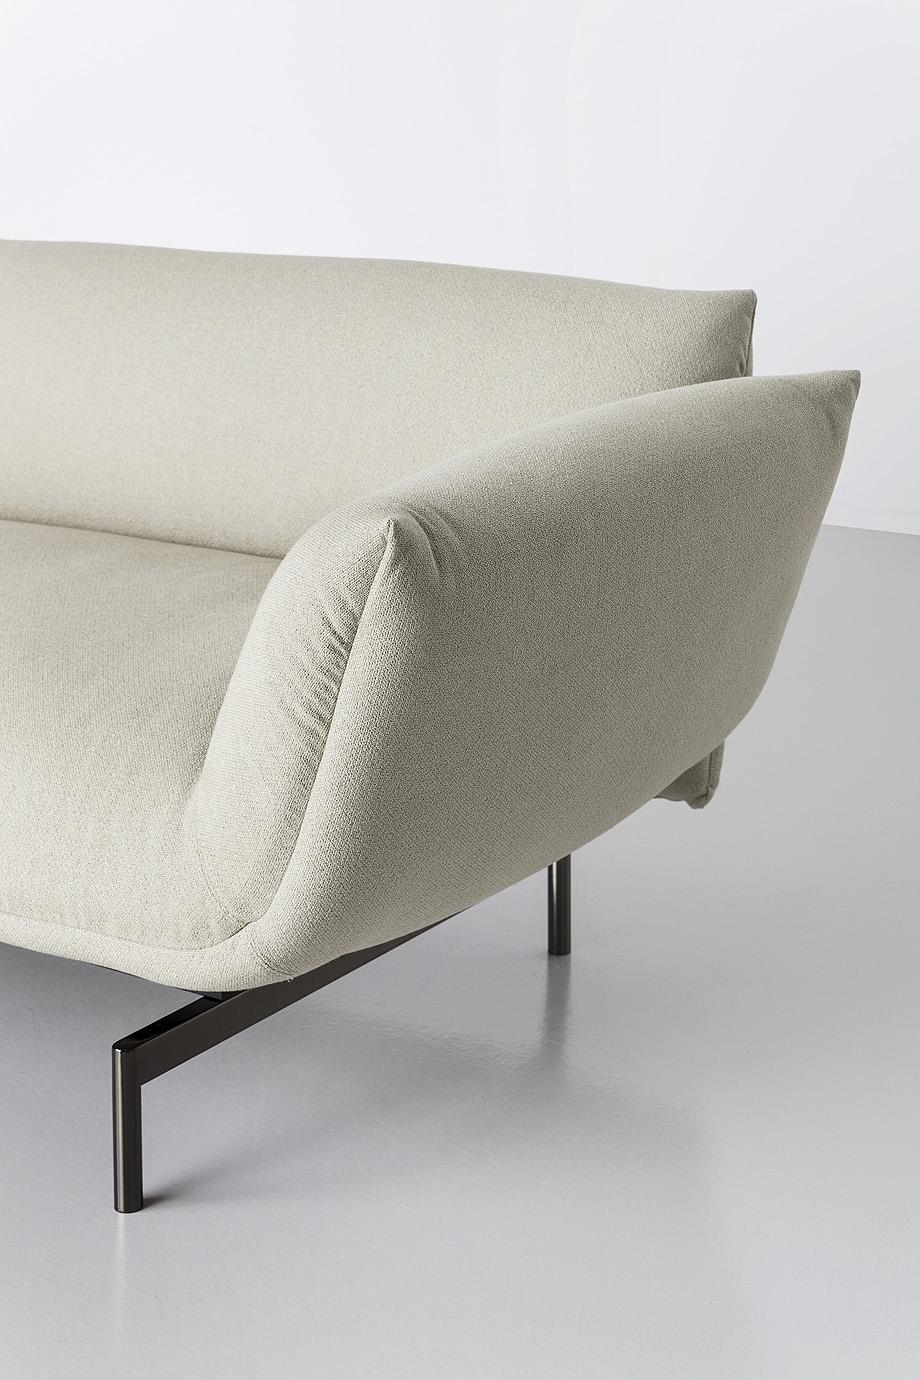 sofa tenso de luca nichetto y kristalia (4)